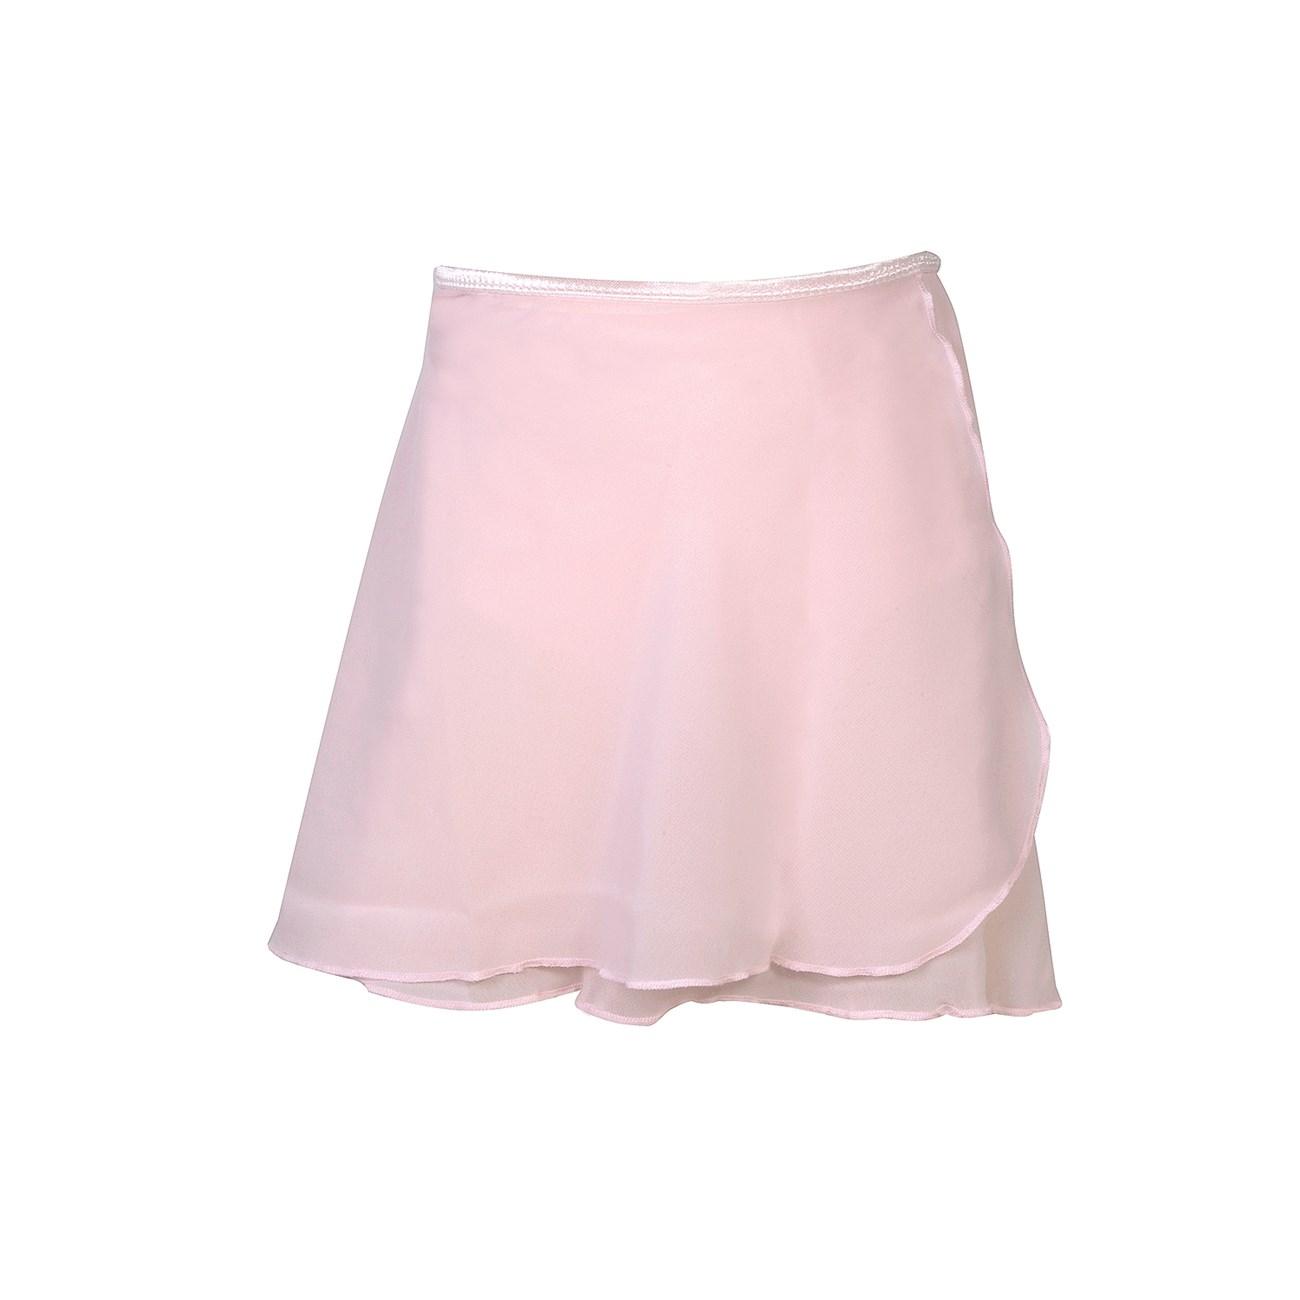 e2ec2af792b GO DANCE Dance skirt WRAP AROUND < Ρούχα Μπαλέτου | INTERSPORT